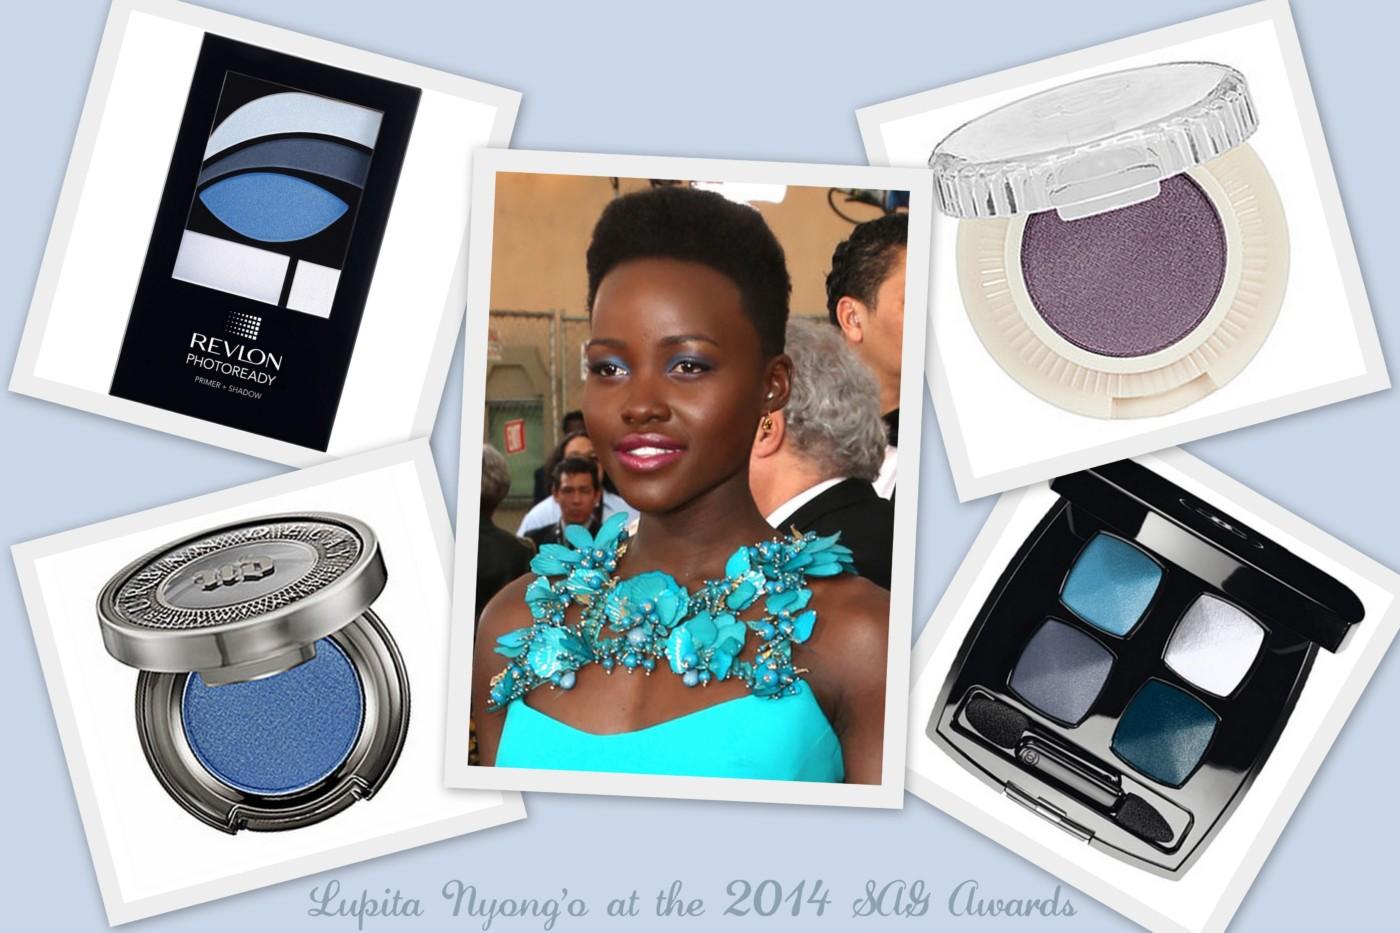 Best of Beauty: Lupita Nyong'o at the 2014 SAG Awards